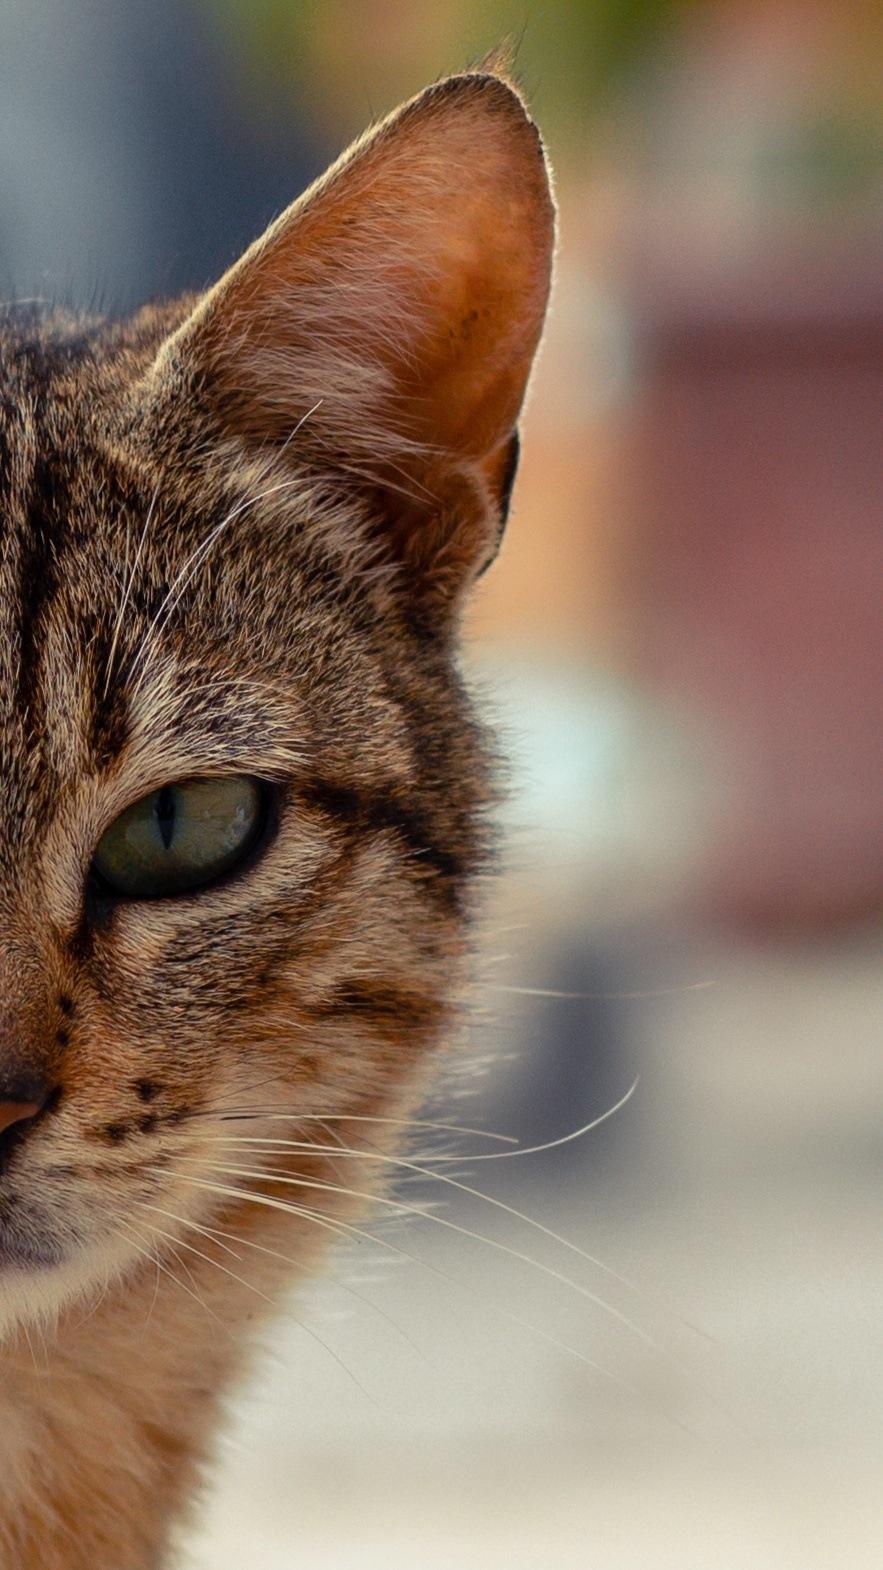 cat by Mohamed Adel